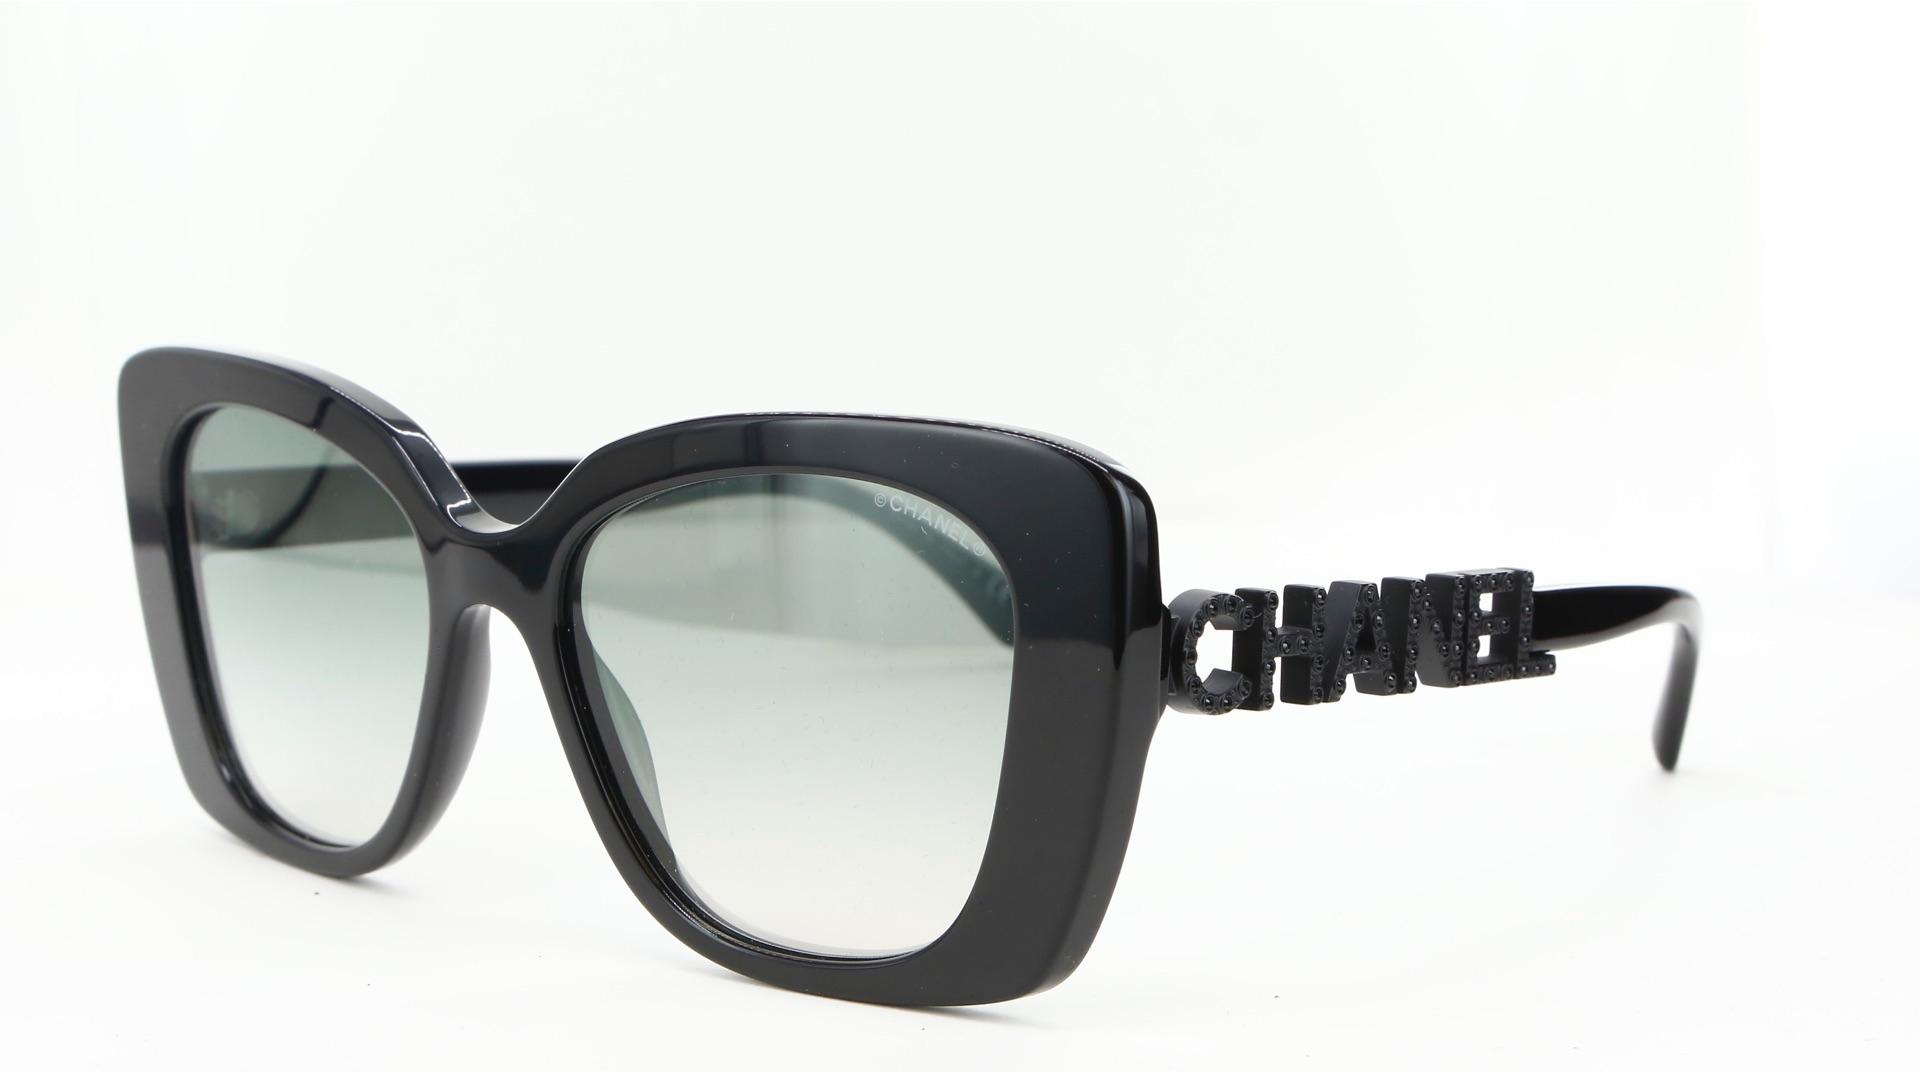 Chanel - ref: 82525